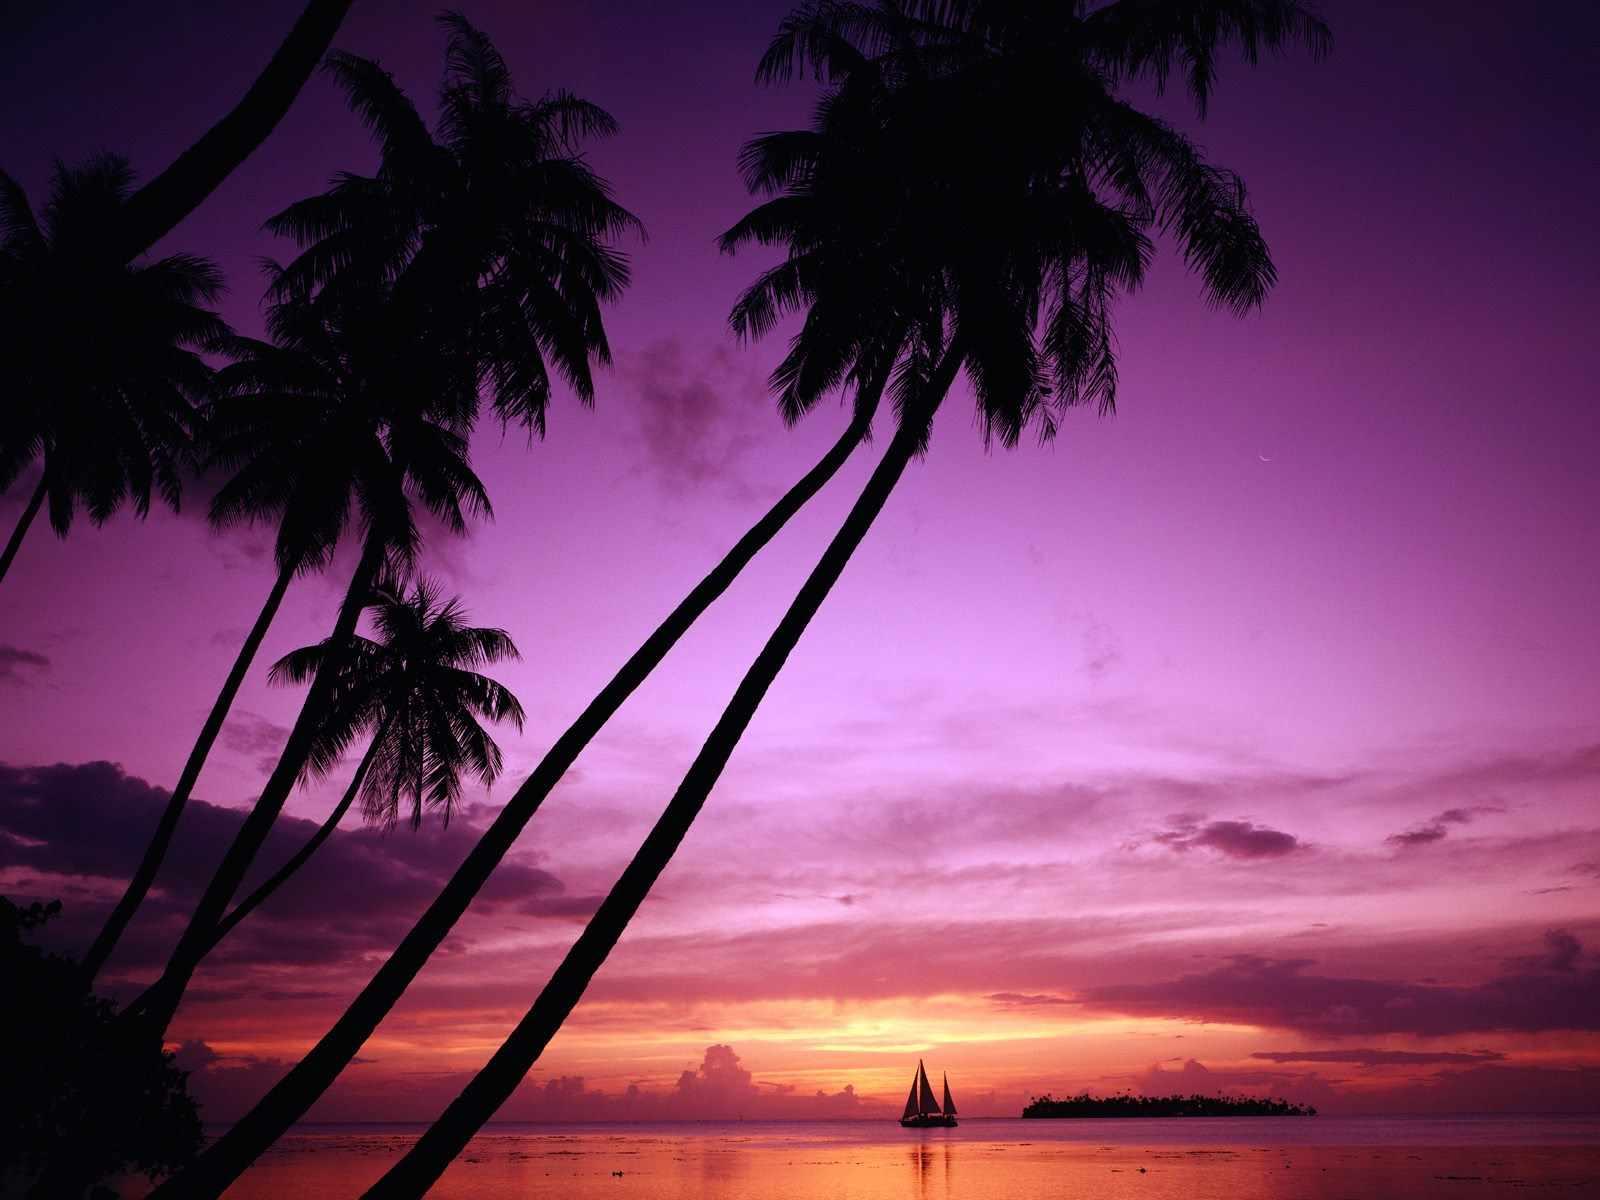 Wallpapers Hd Iphone 5 Zoom Dise 209 O Y Fotografia Imagenes De Para 237 Sos Tropicales